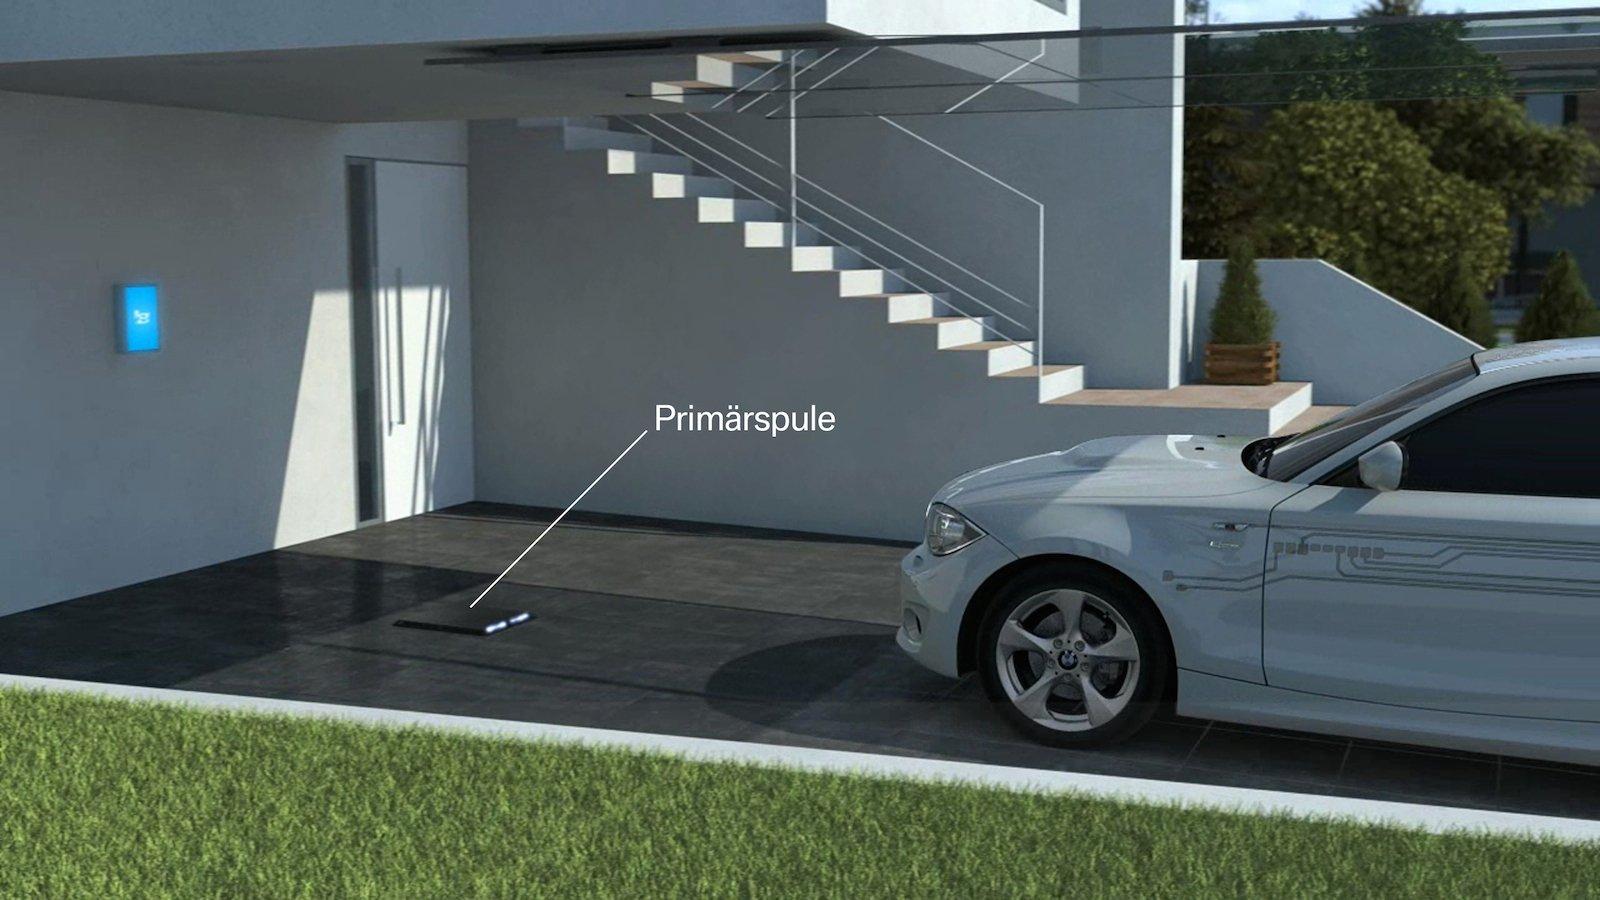 Die Primärspule für das kabellose Aufladen von Elektroautos wird im Boden installiert.